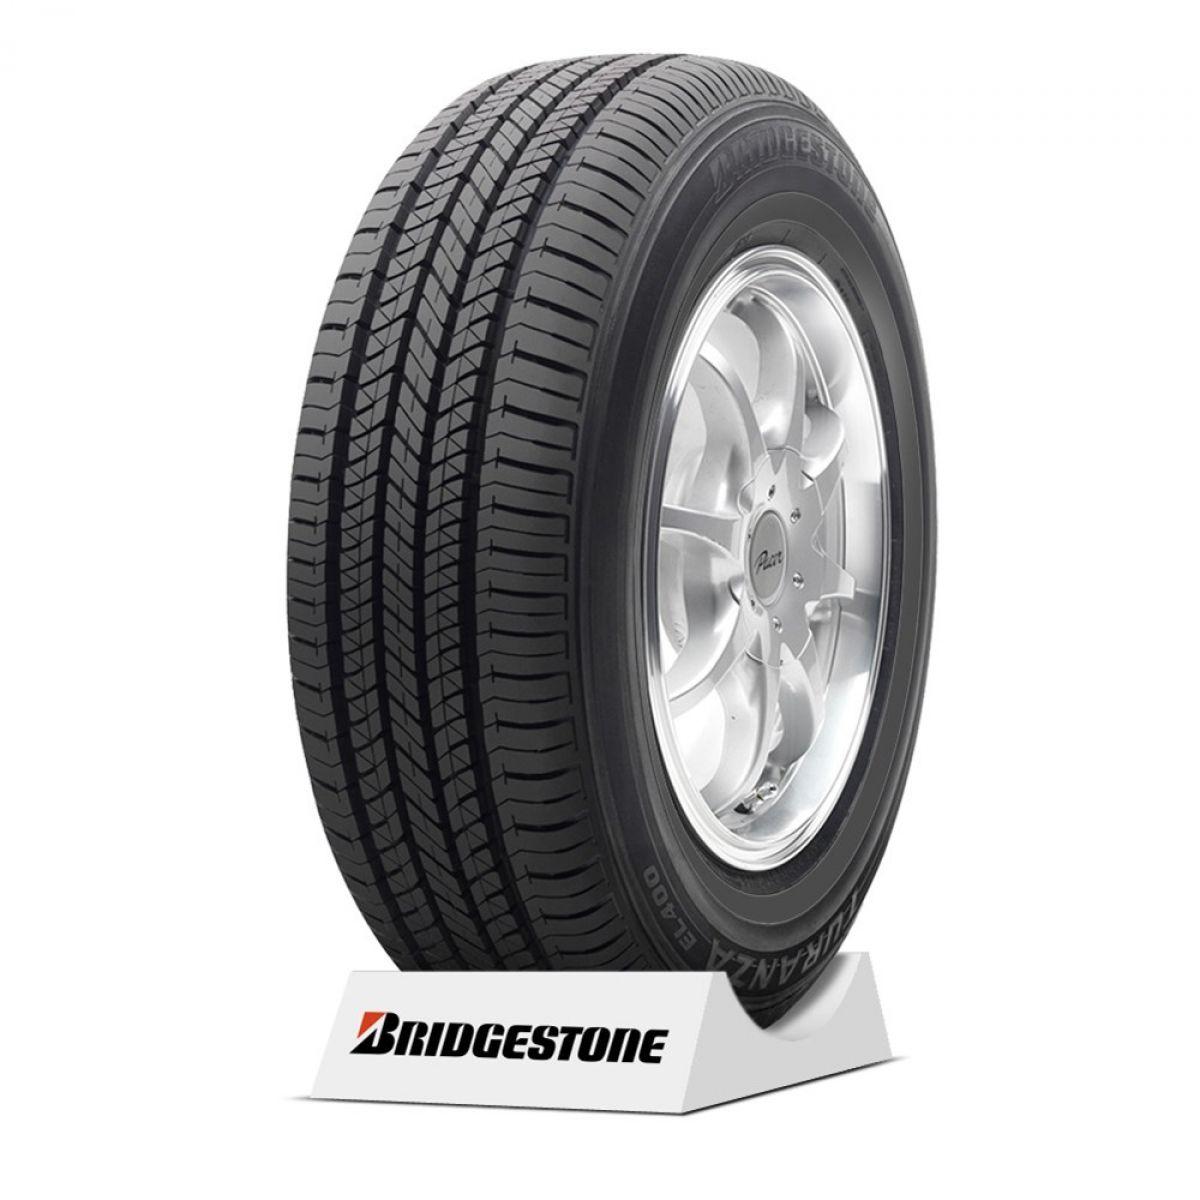 distributeur des marques bridgestone et firestone le luc pneus services. Black Bedroom Furniture Sets. Home Design Ideas